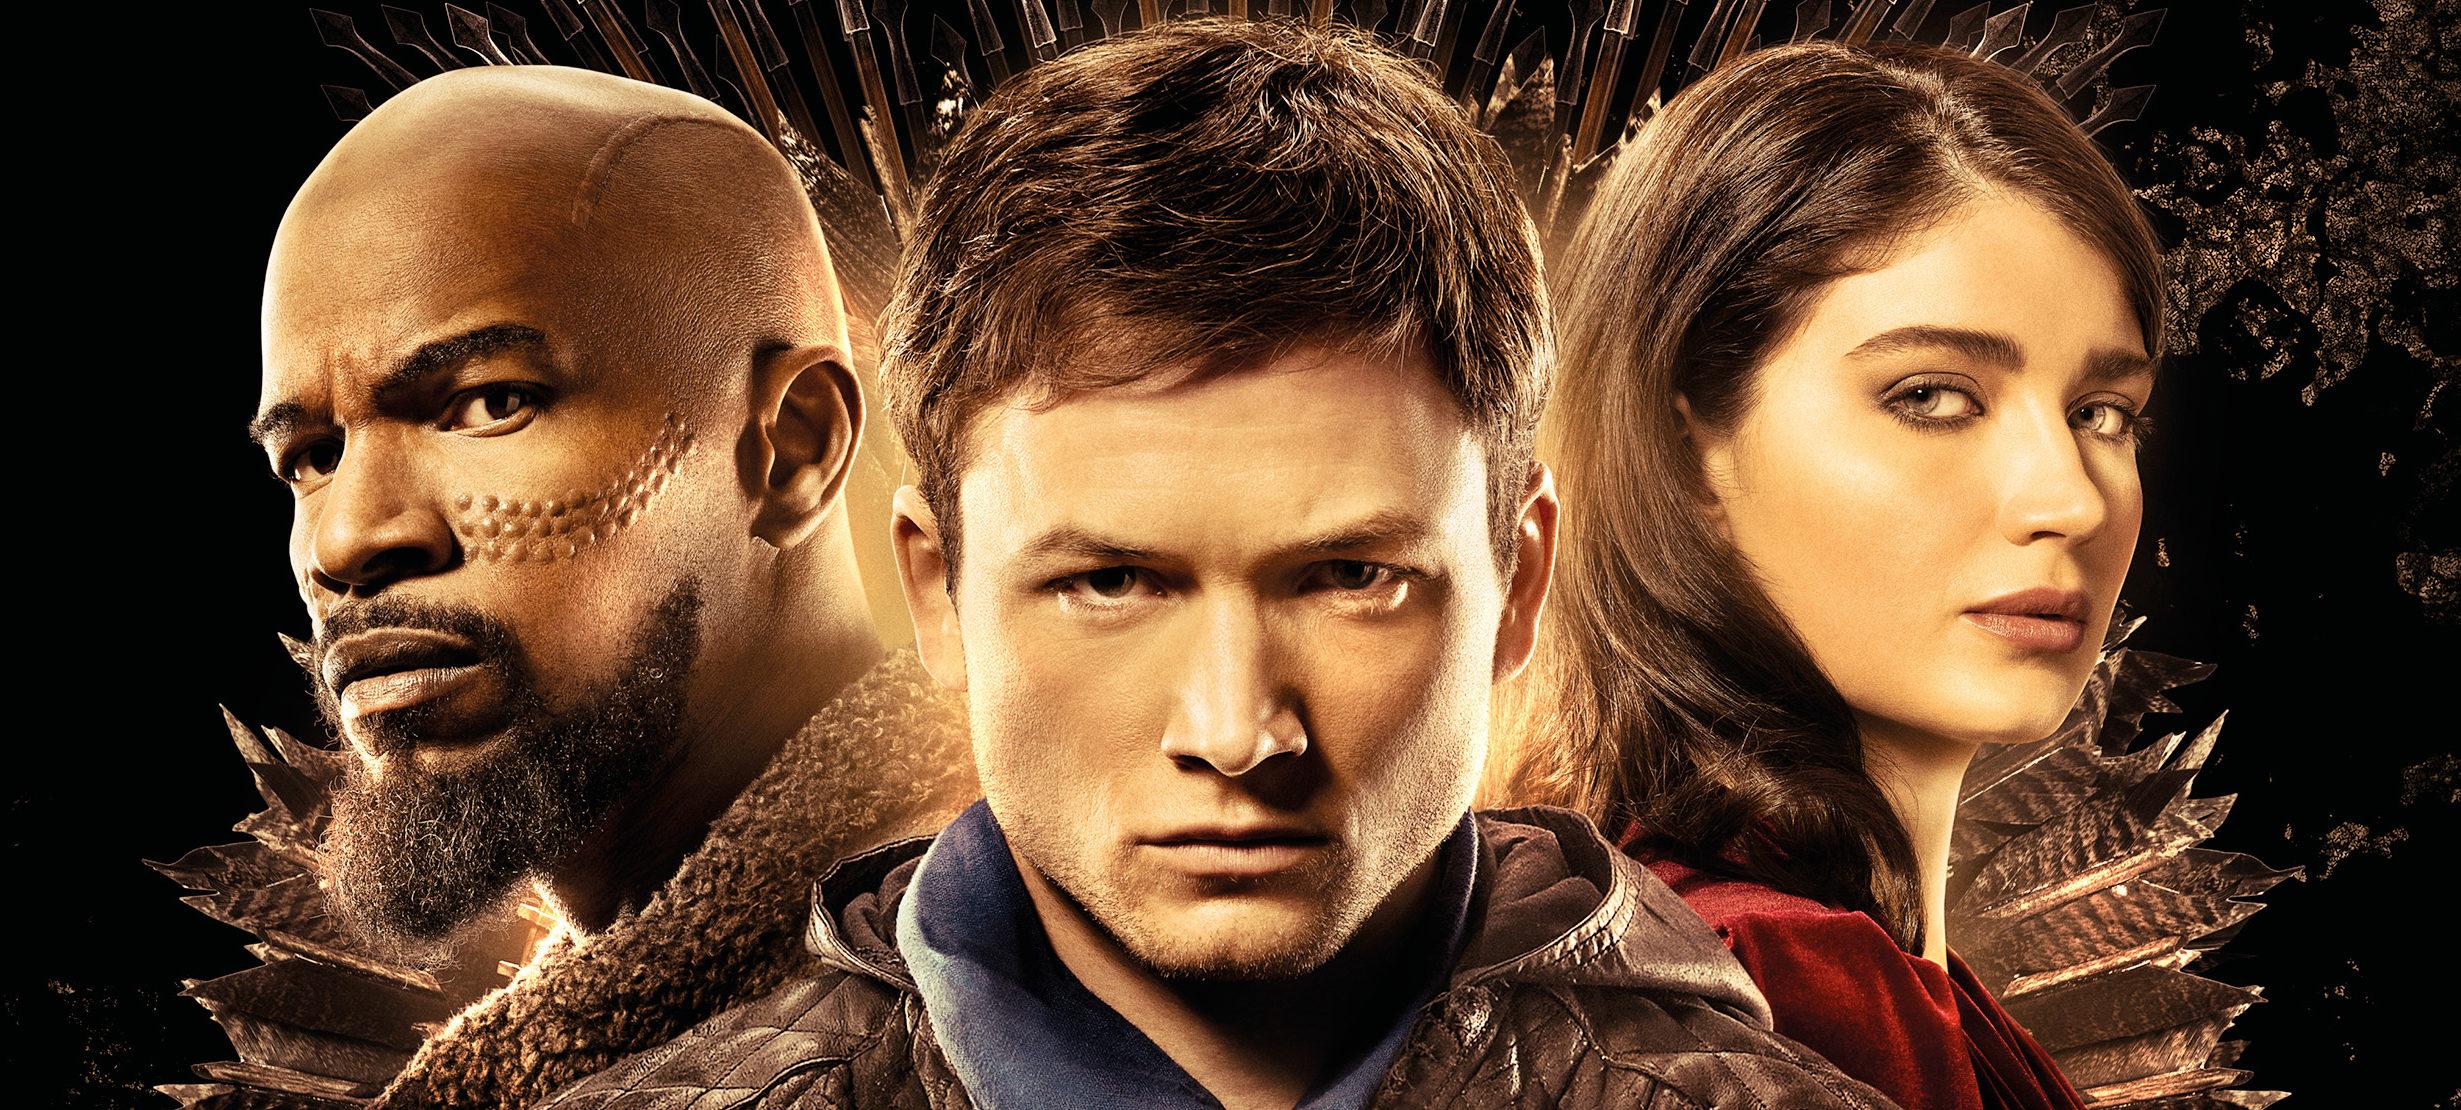 """Nädala parim film: ostke """"Robin Hood: päritolu"""" koos Taron Egertoni ja Jamie Foxxiga 9,90 R $ eest!"""